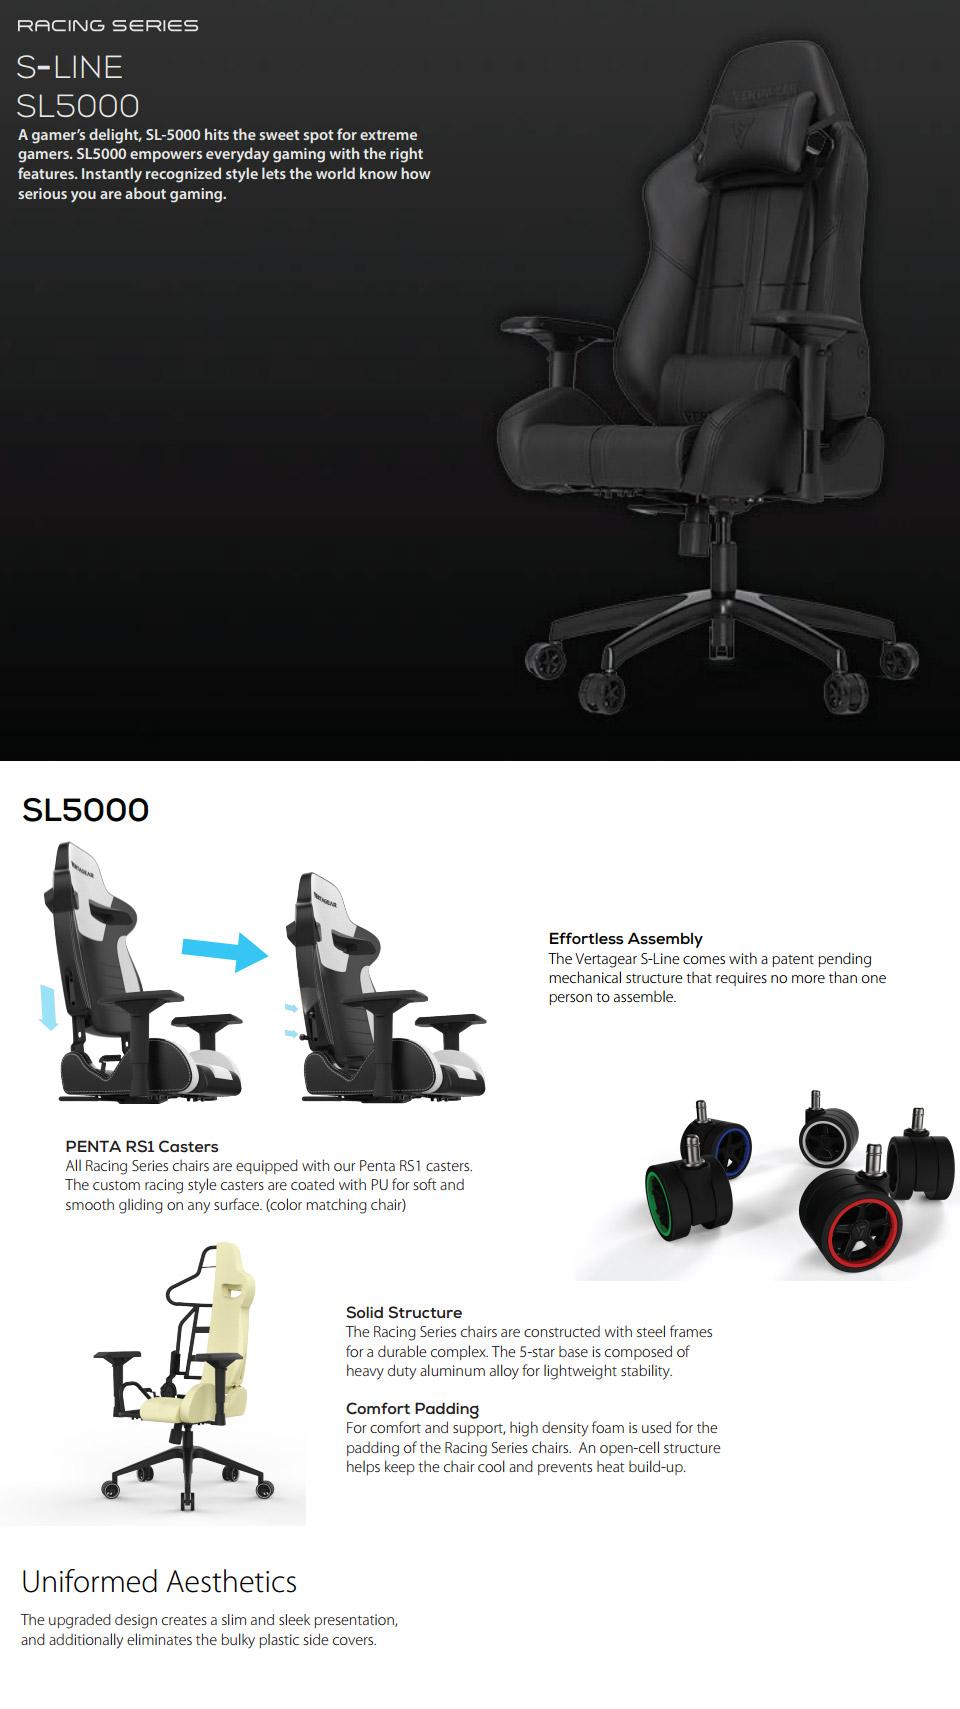 Kết quả hình ảnh cho Vertagear S-Line SL5000 Racing Series Gaming Chair